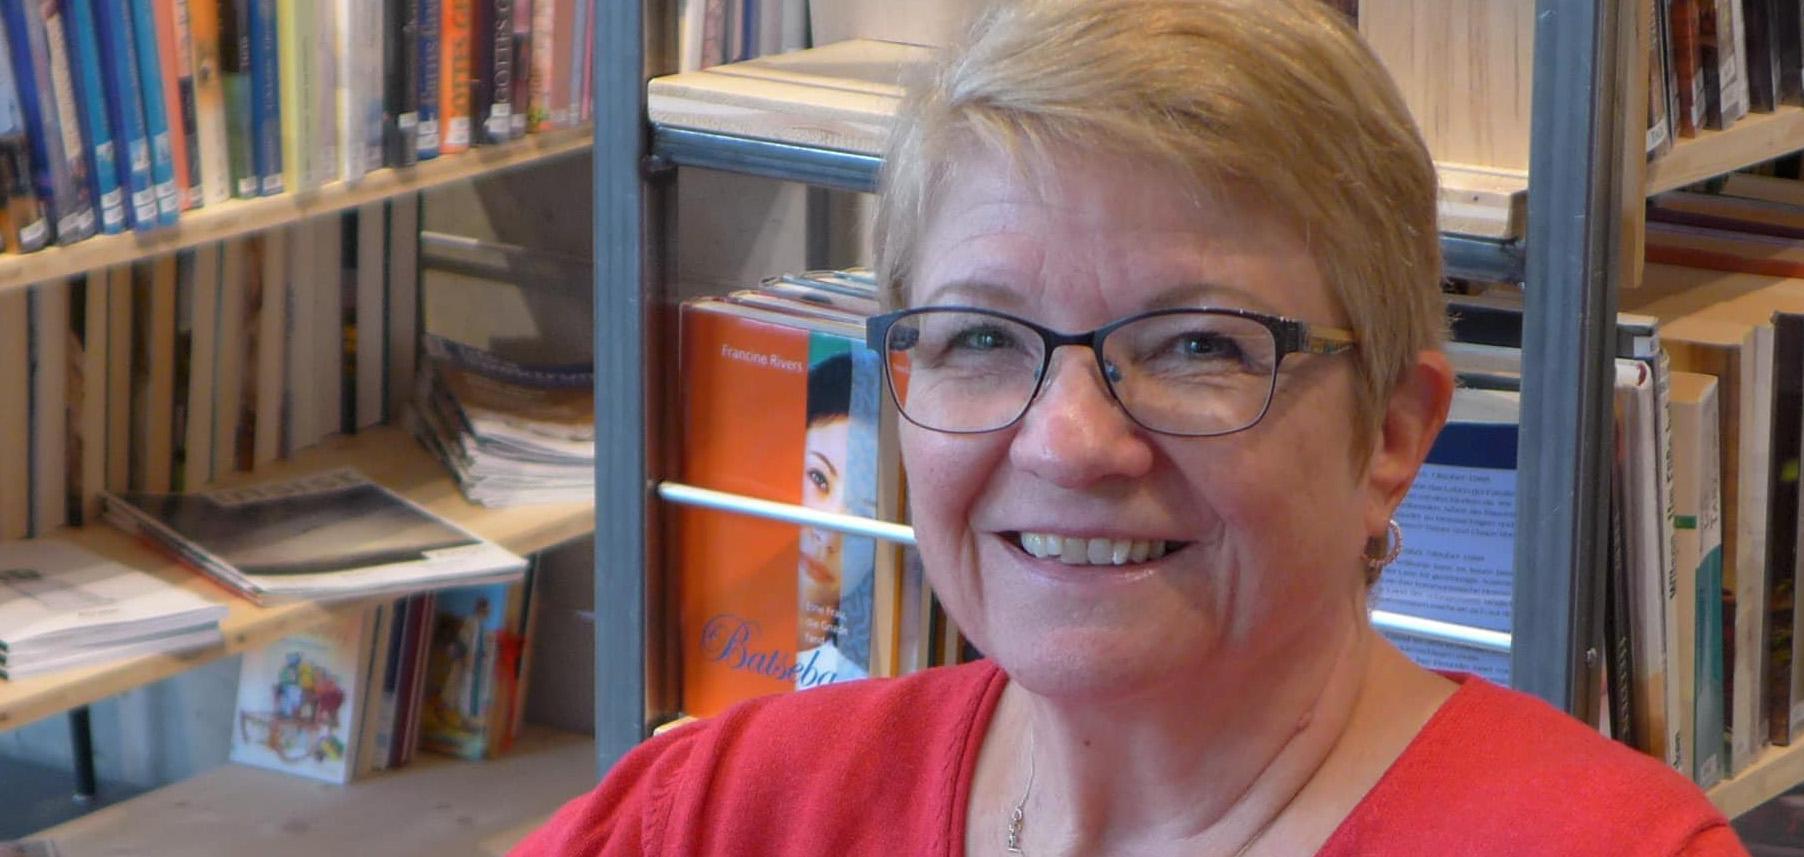 Dorothea Preisig